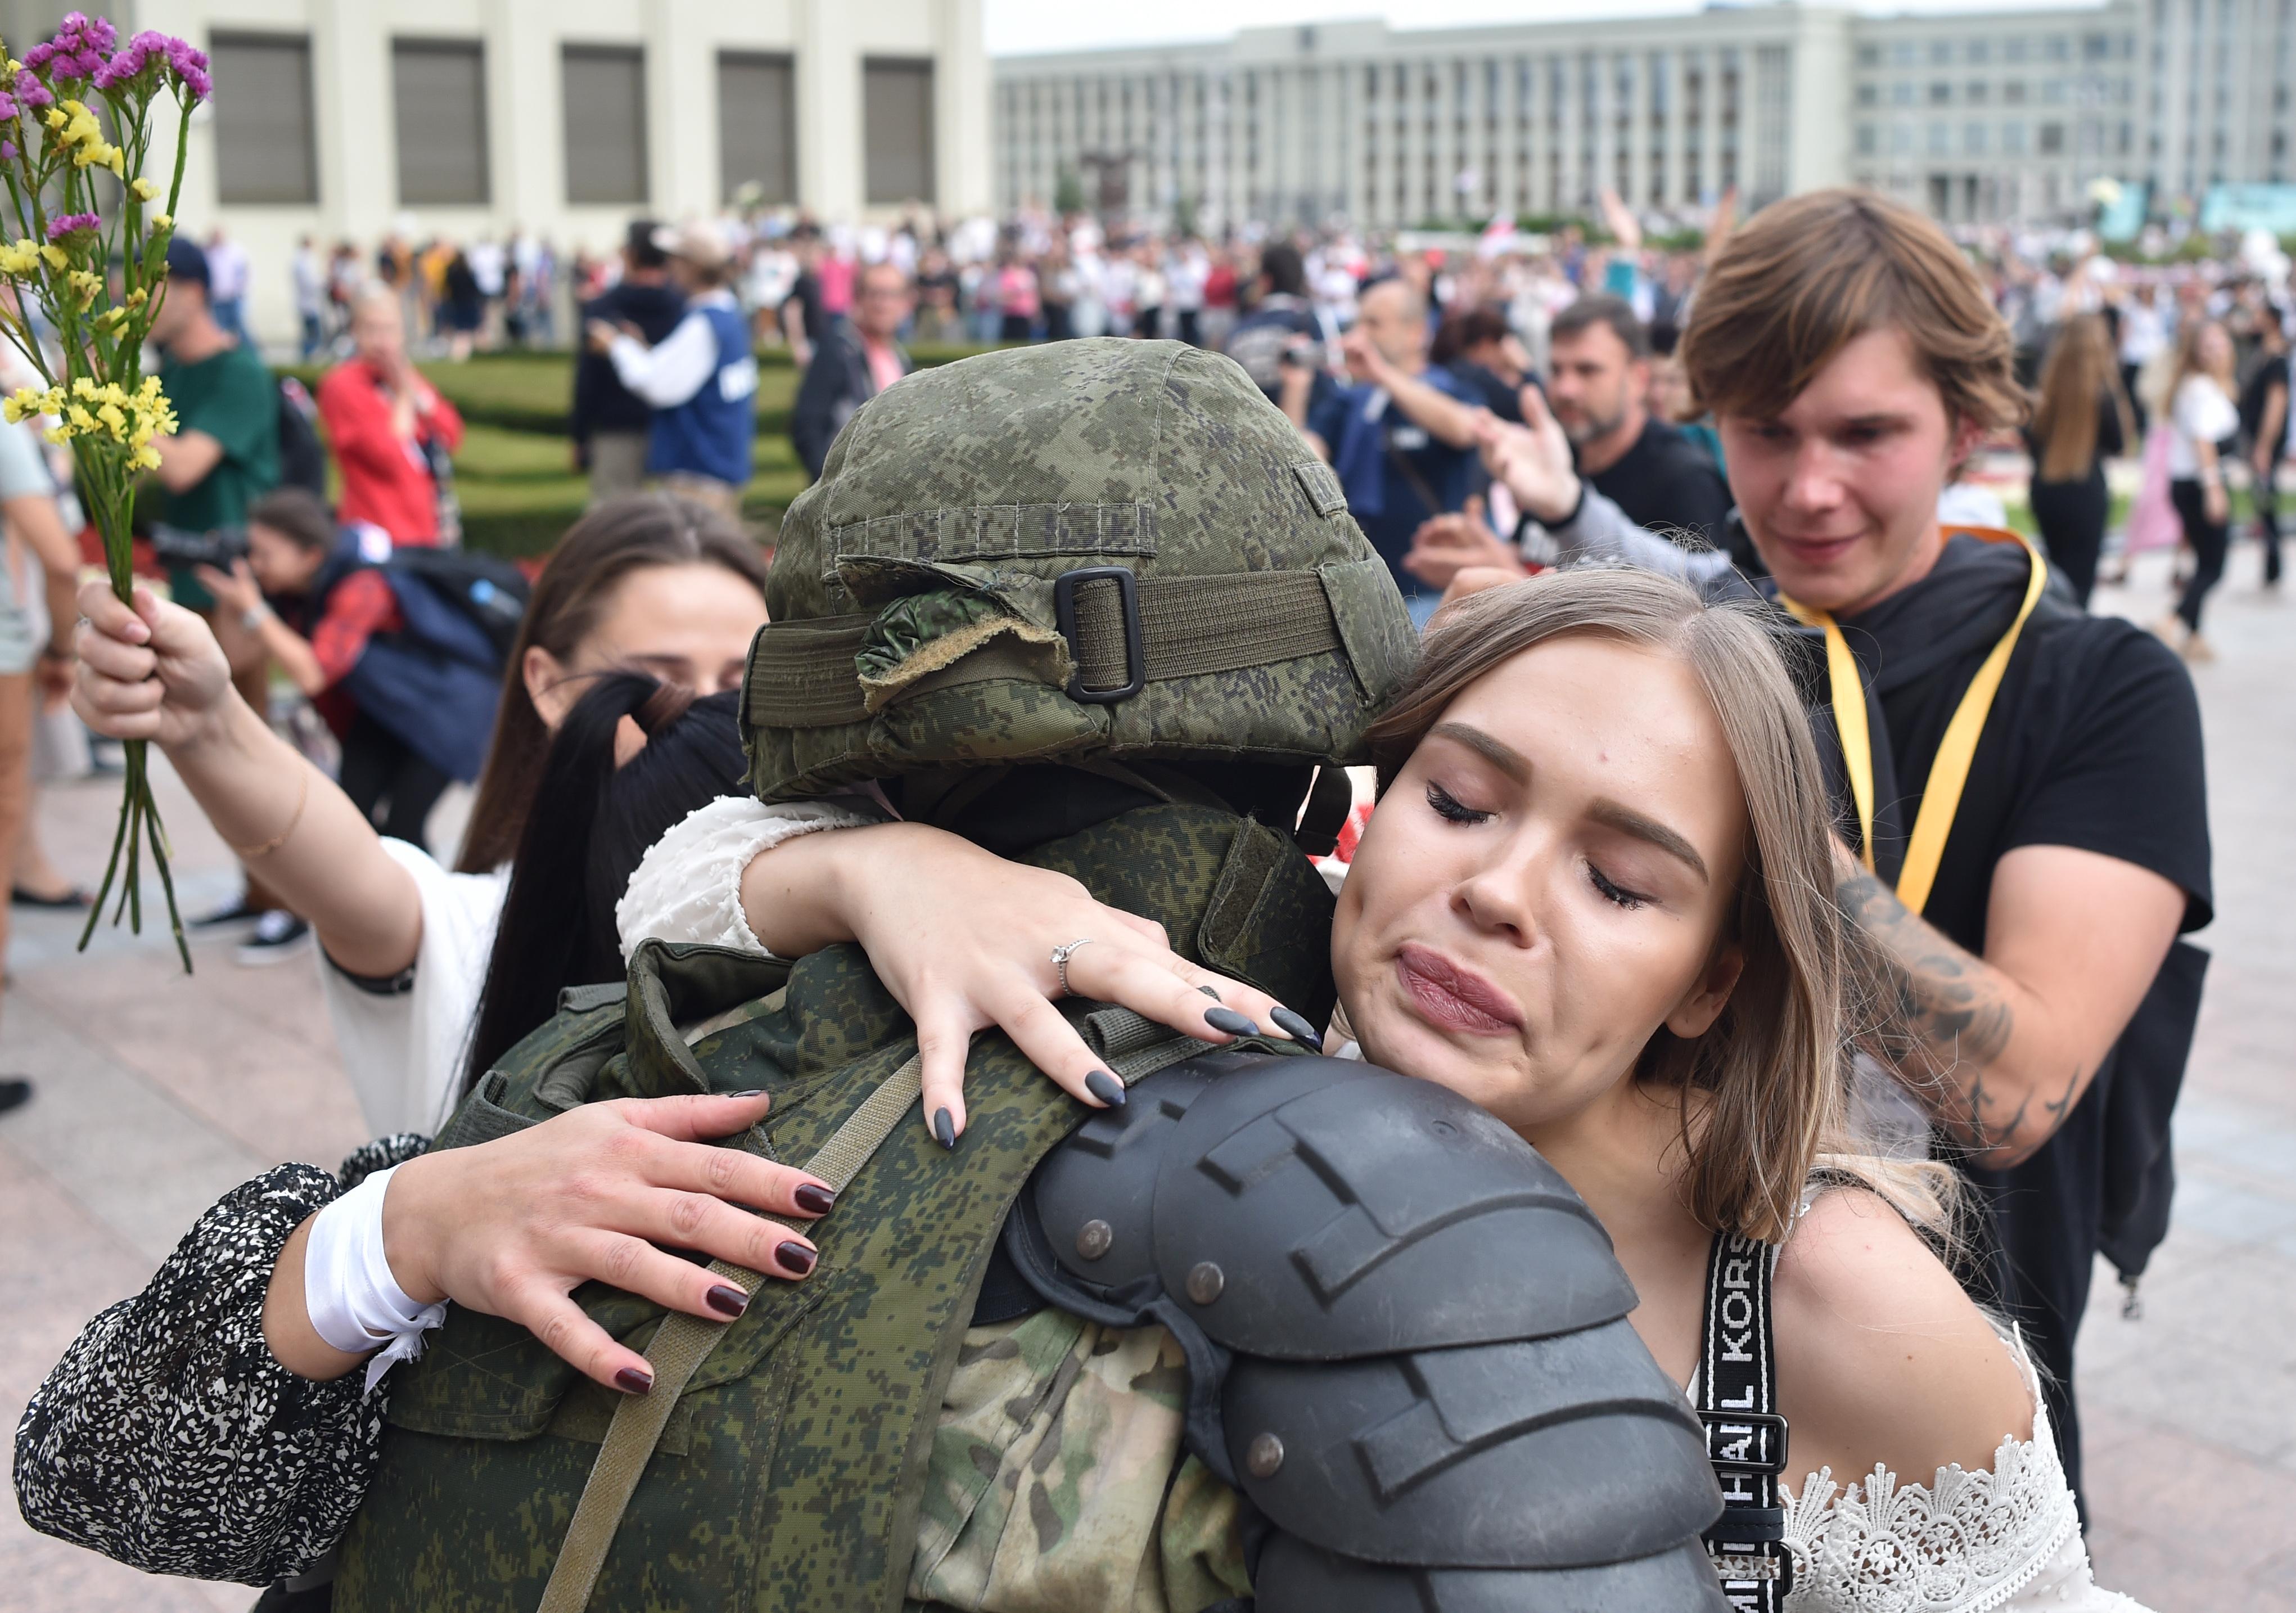 Ezrek tüntetnek Minszkben, a rendőrség nem lép közbe